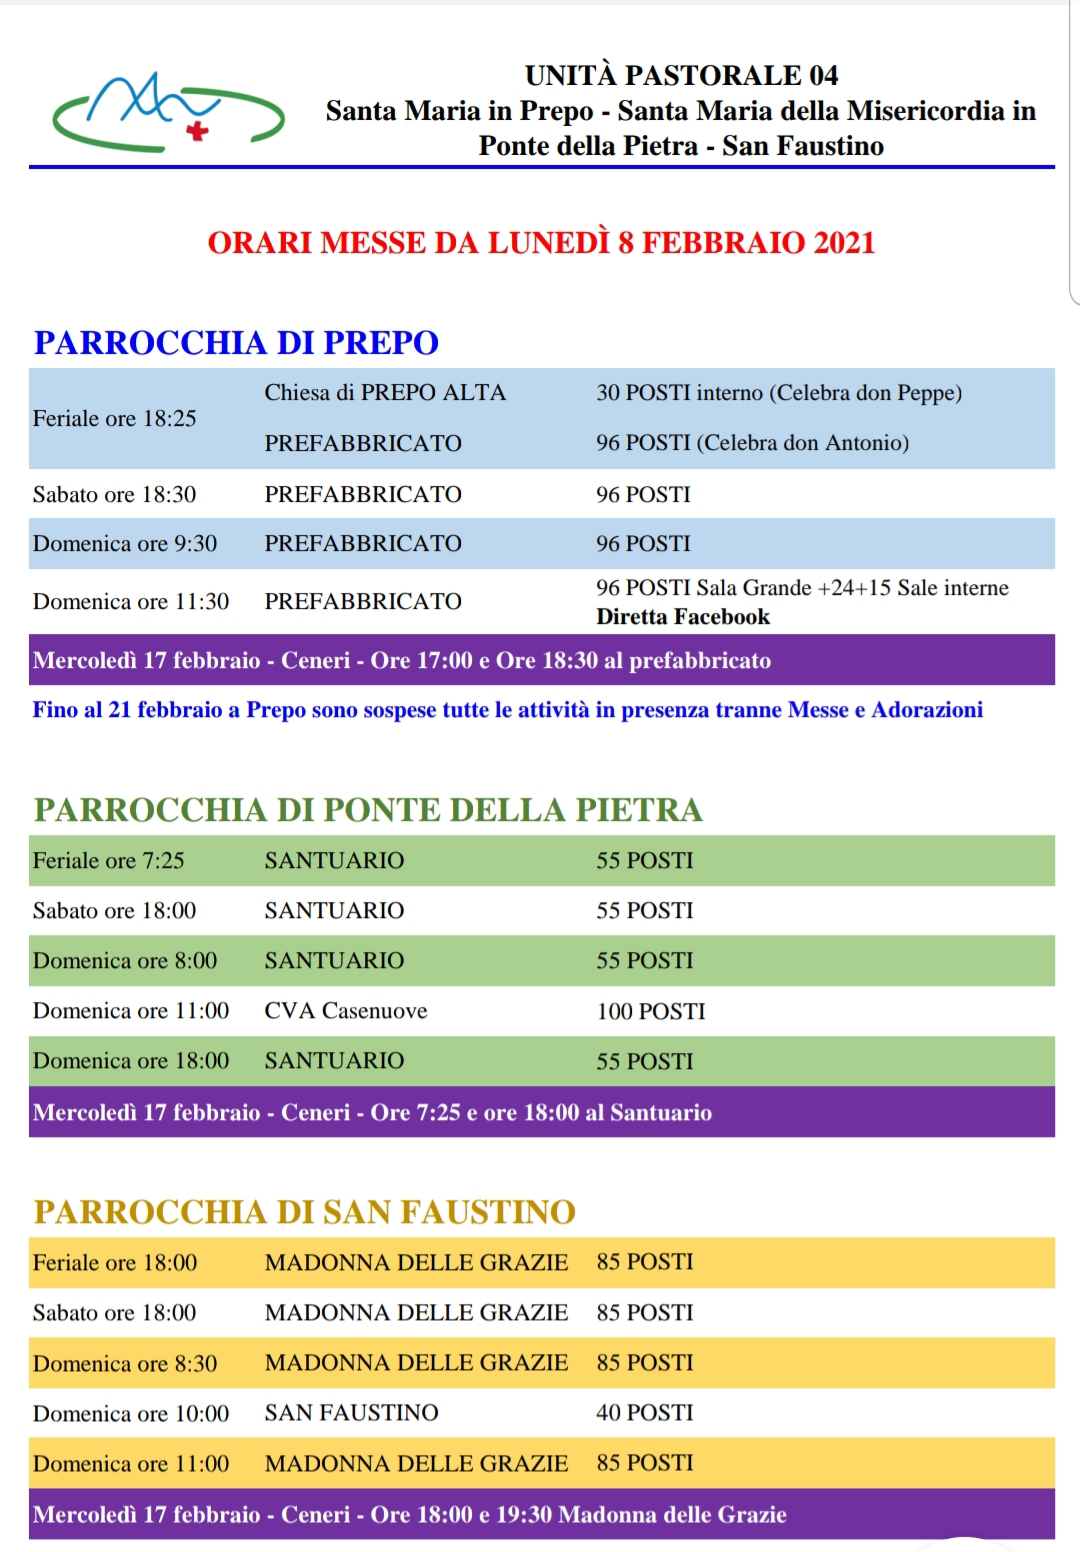 2021.02.08-Calendario-Messe-dal-8-febbraio-2021